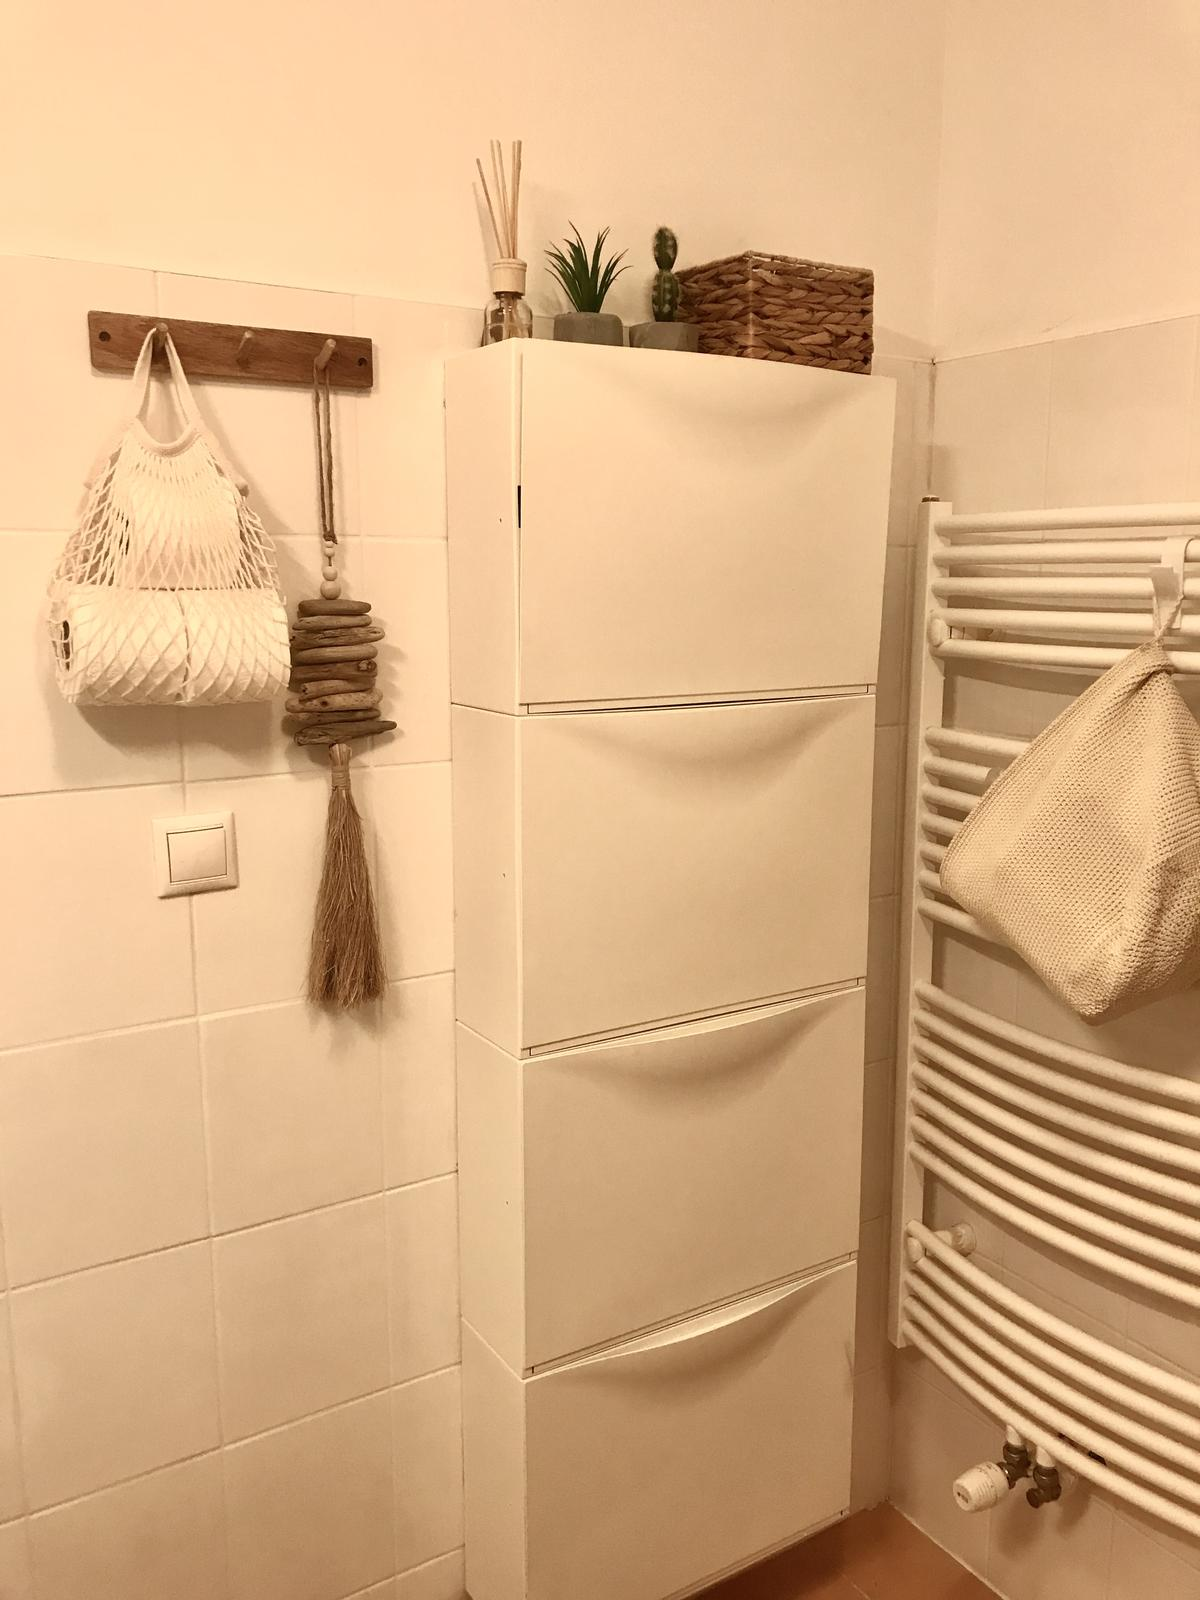 Z příšerné koupelny tvořím trochu lepší 💪 - Obrázek č. 37